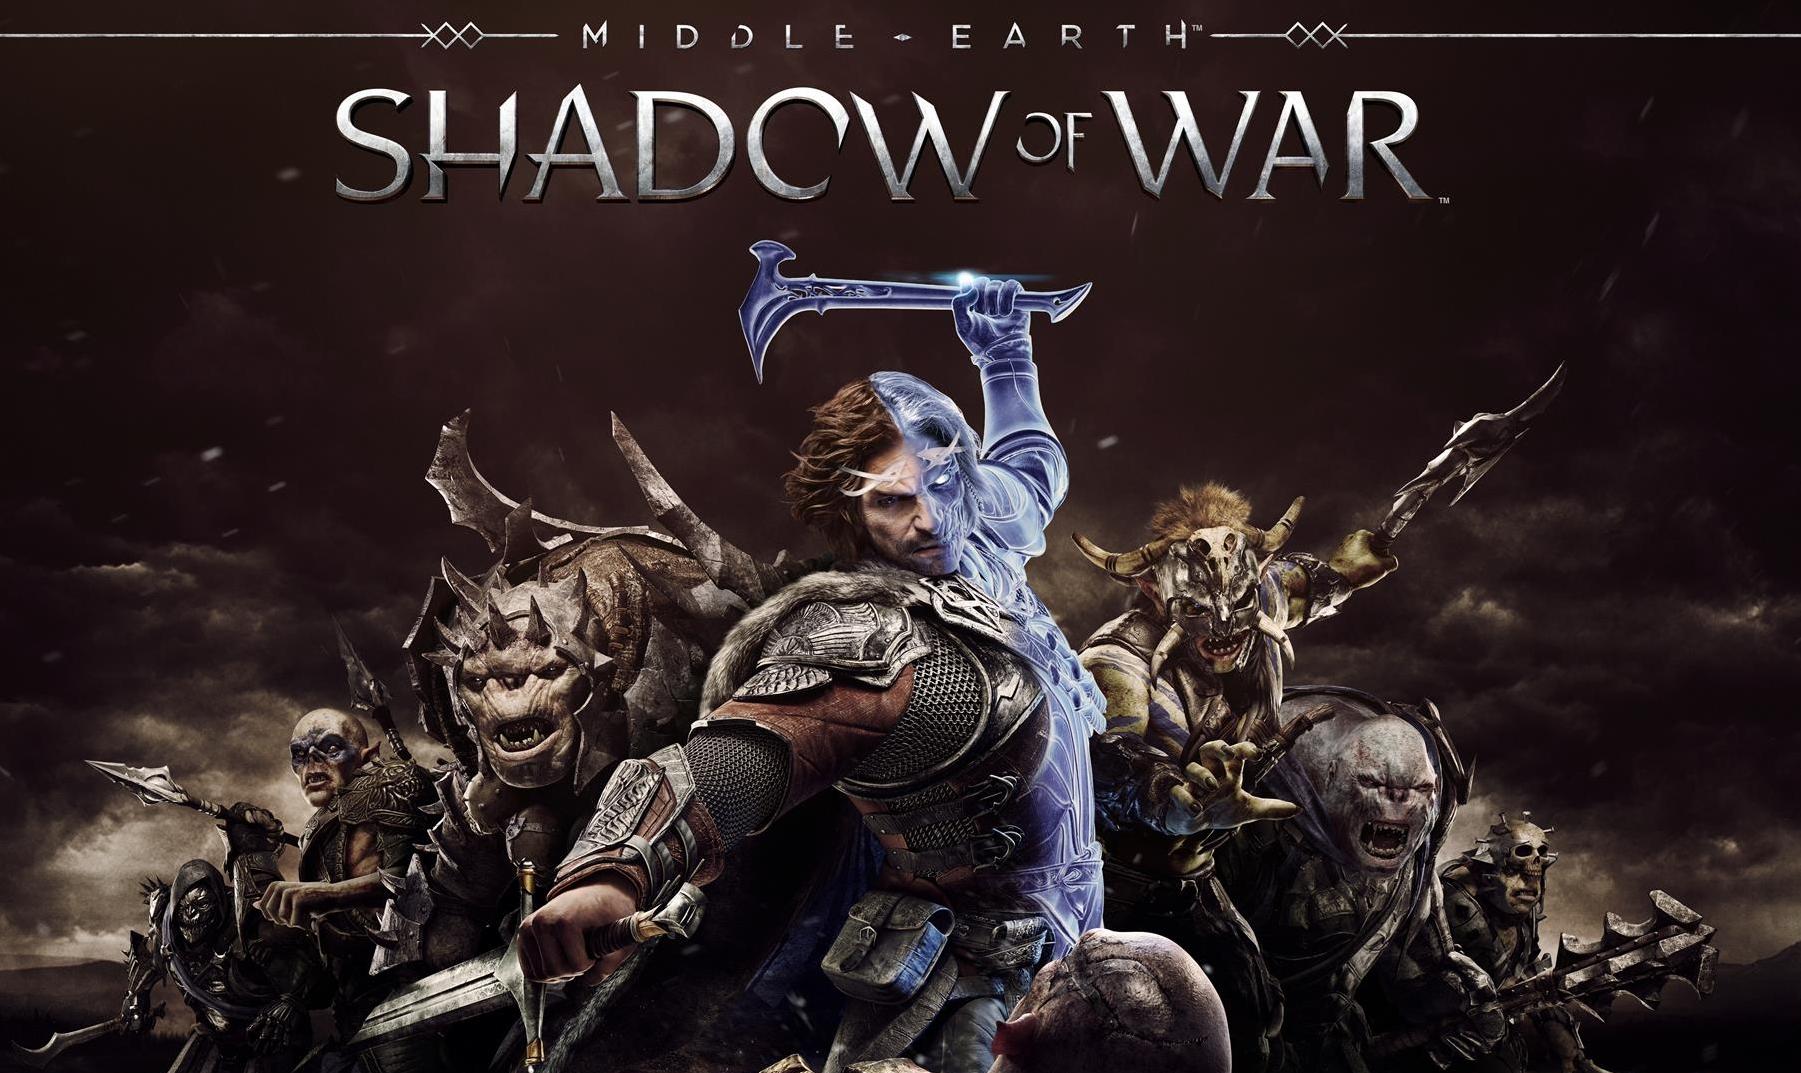 Sombras da Guerra ganha trailer mostrando as novas habilidades de Talion